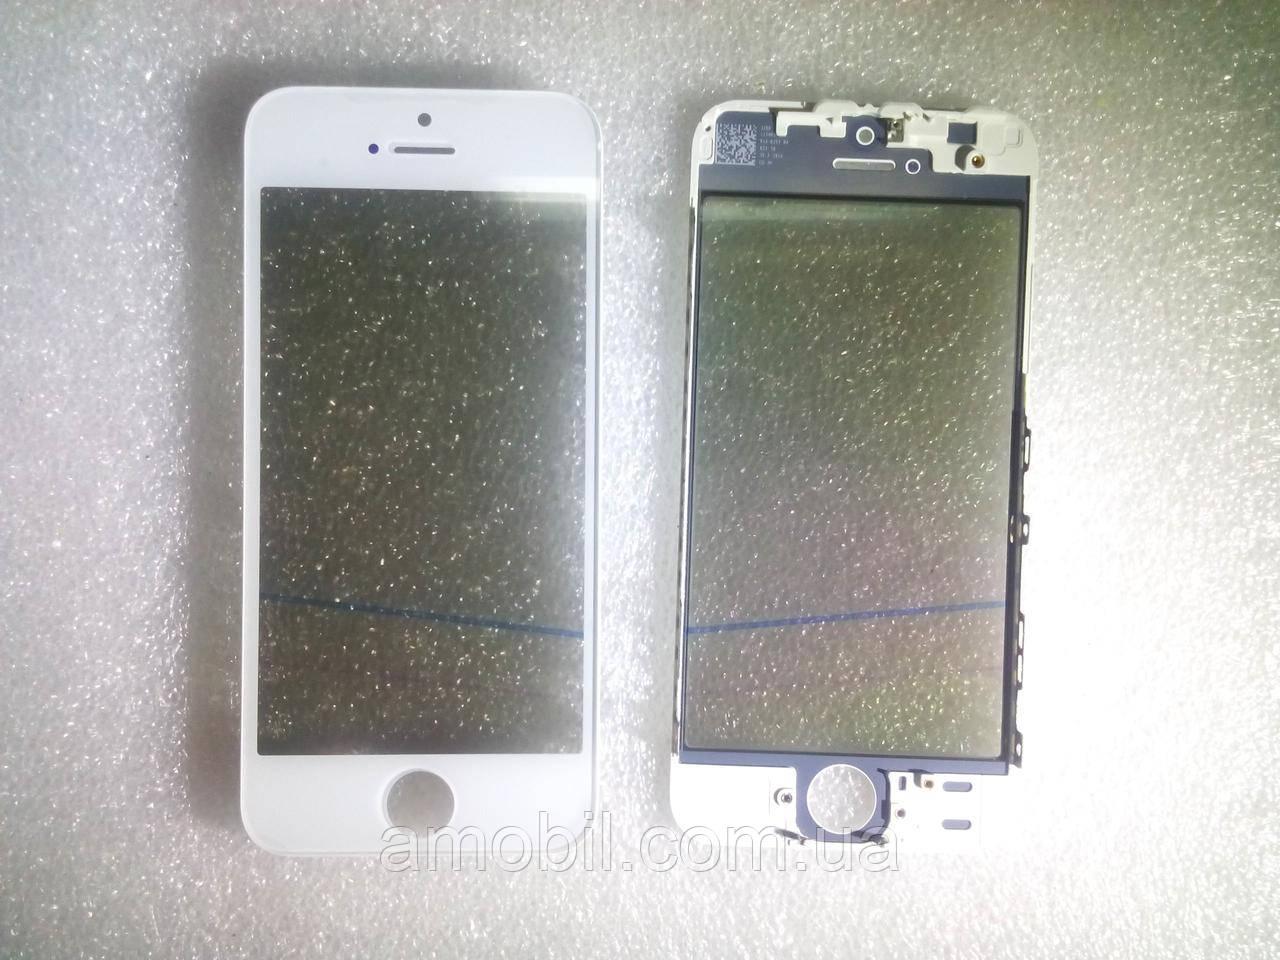 Стекло с дисплейной рамкой , OCA плёнкой и поляризационной плёнкой для iPhone 5S белое